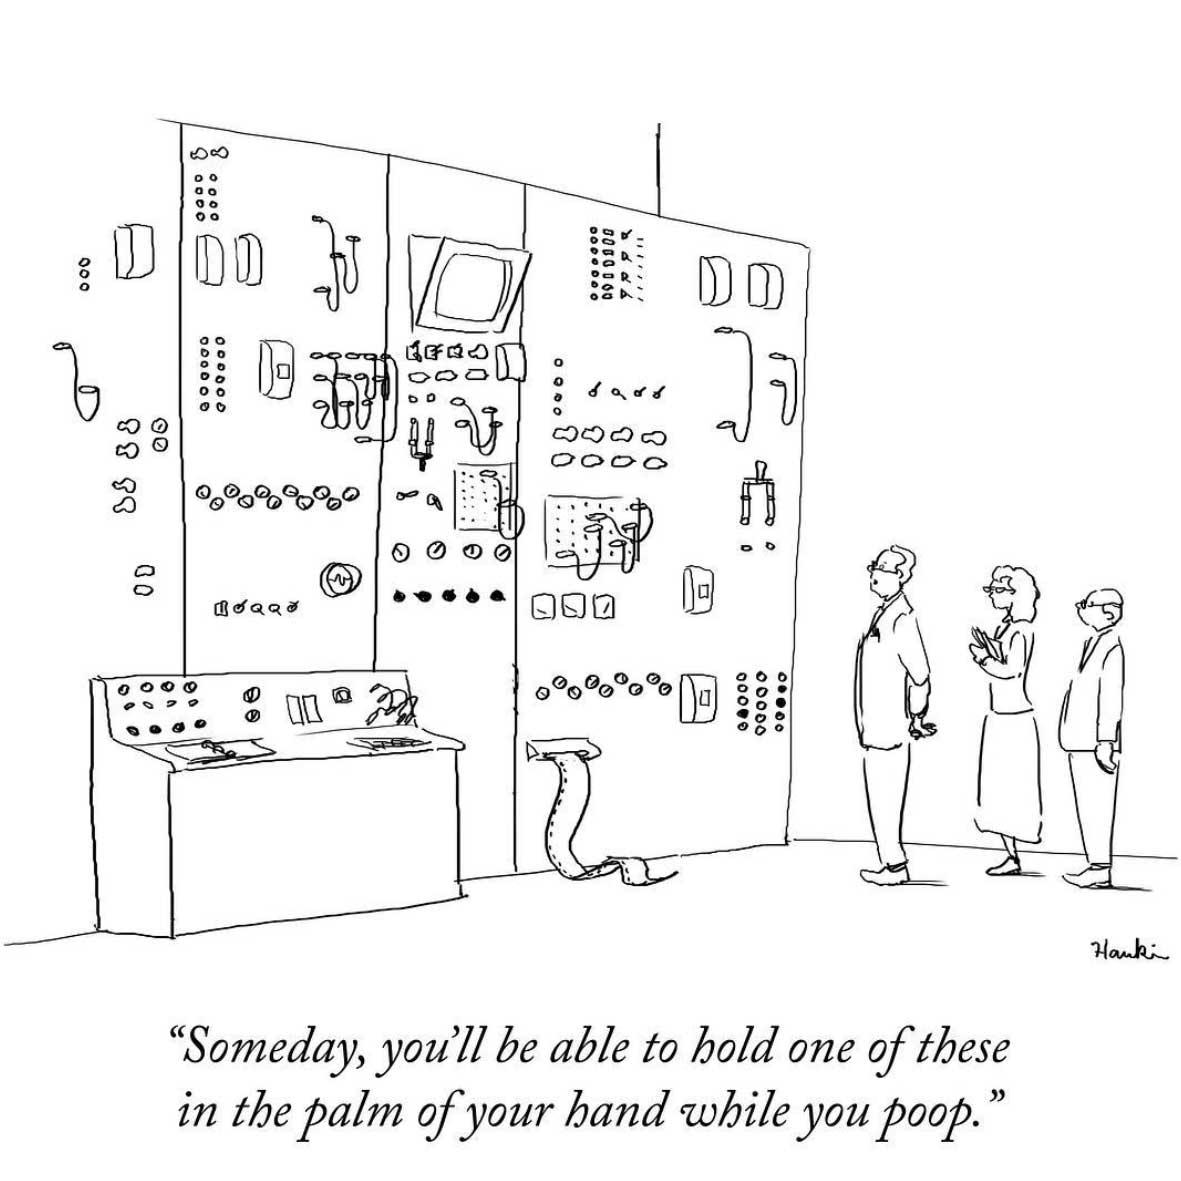 Lustige One-Panel-Comics von Charlie Hankin